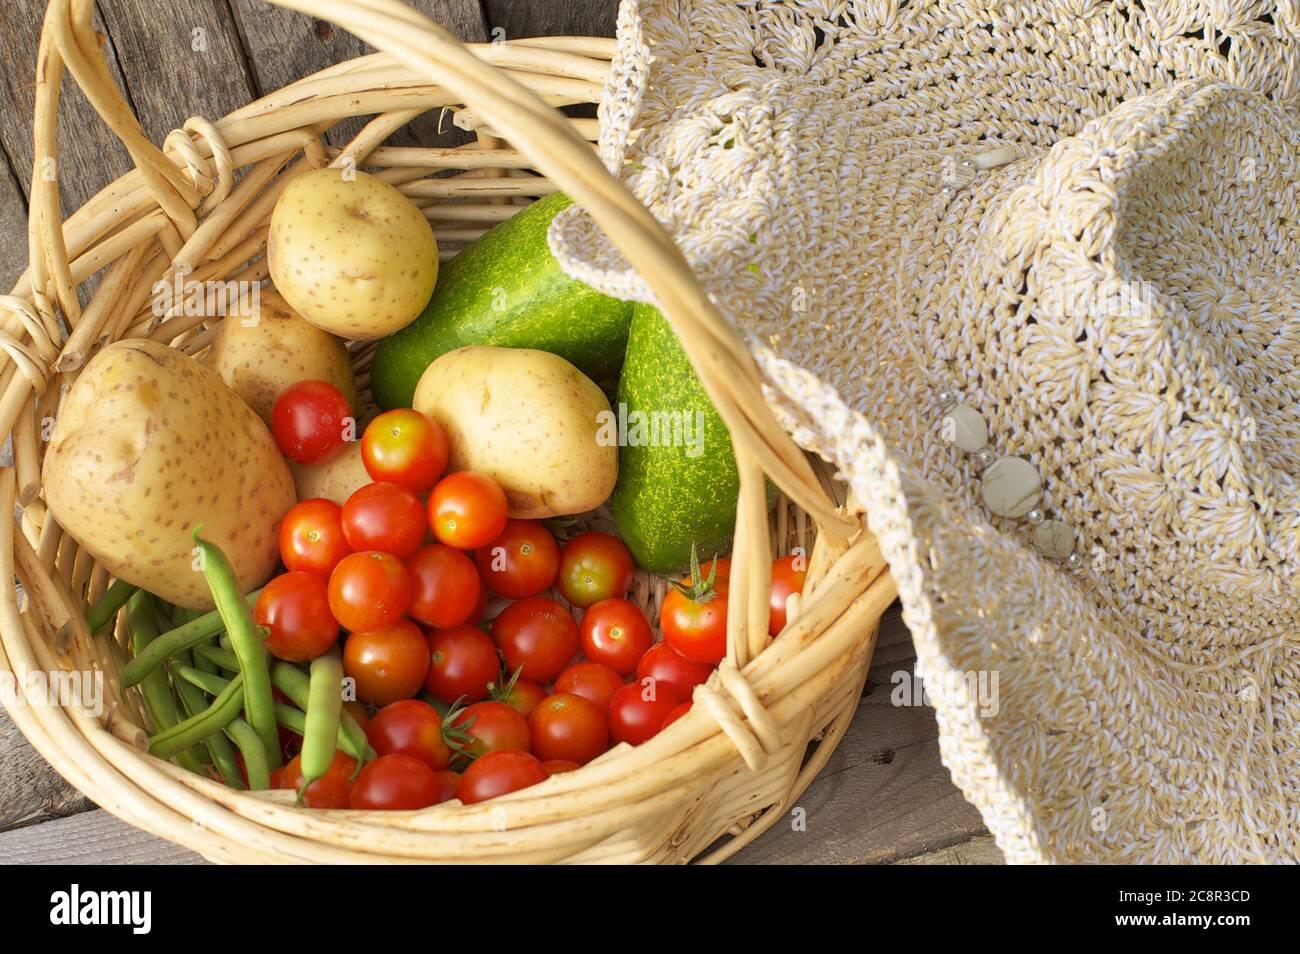 Fermez le panier de légumes biologiques fraîchement cueillis. Banque D'Images